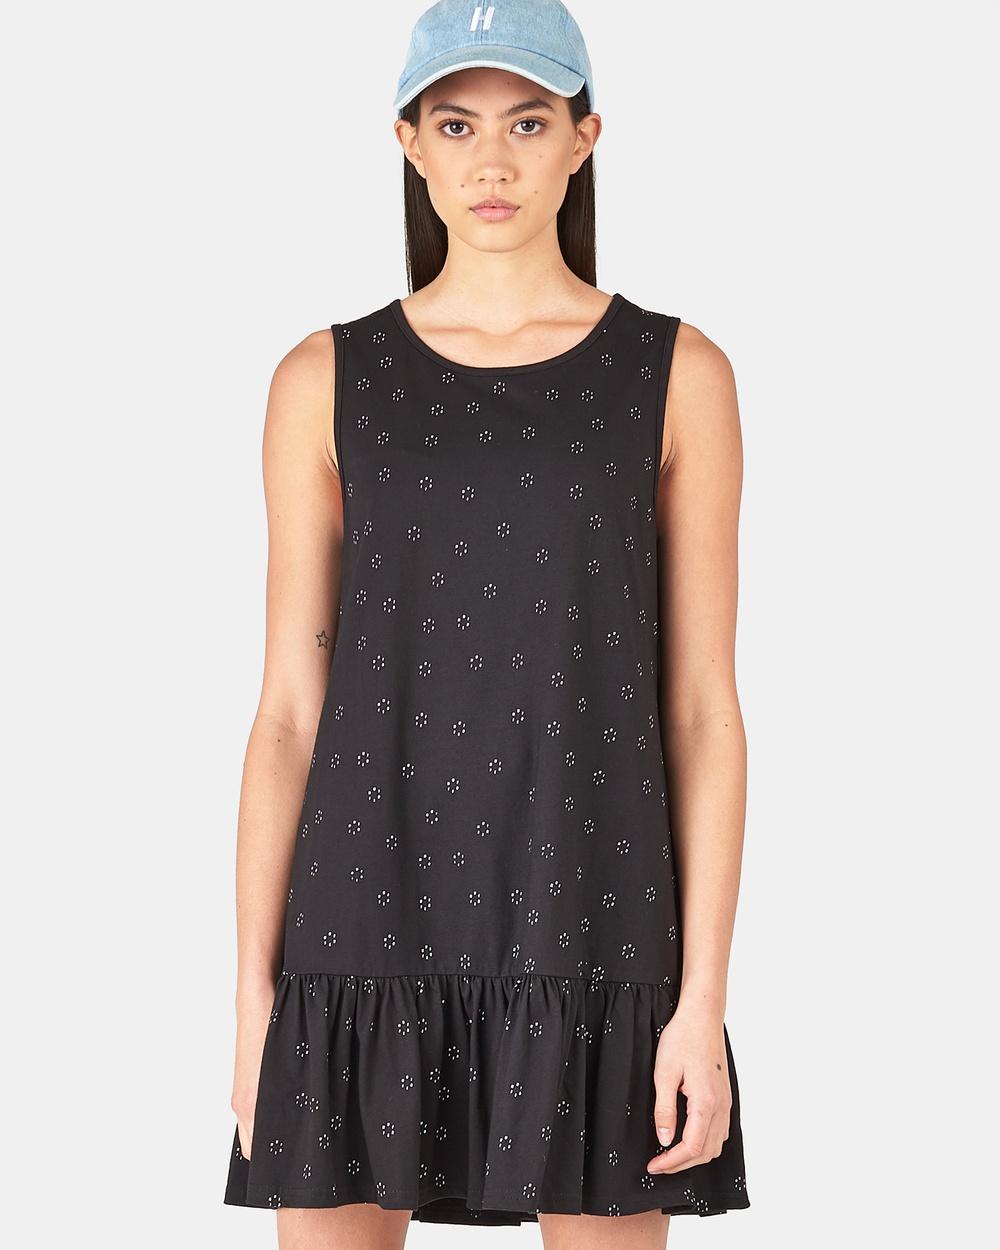 Huffer HFR SPOT PORT DRESS Dresses BLACK HFR SPOT PORT DRESS